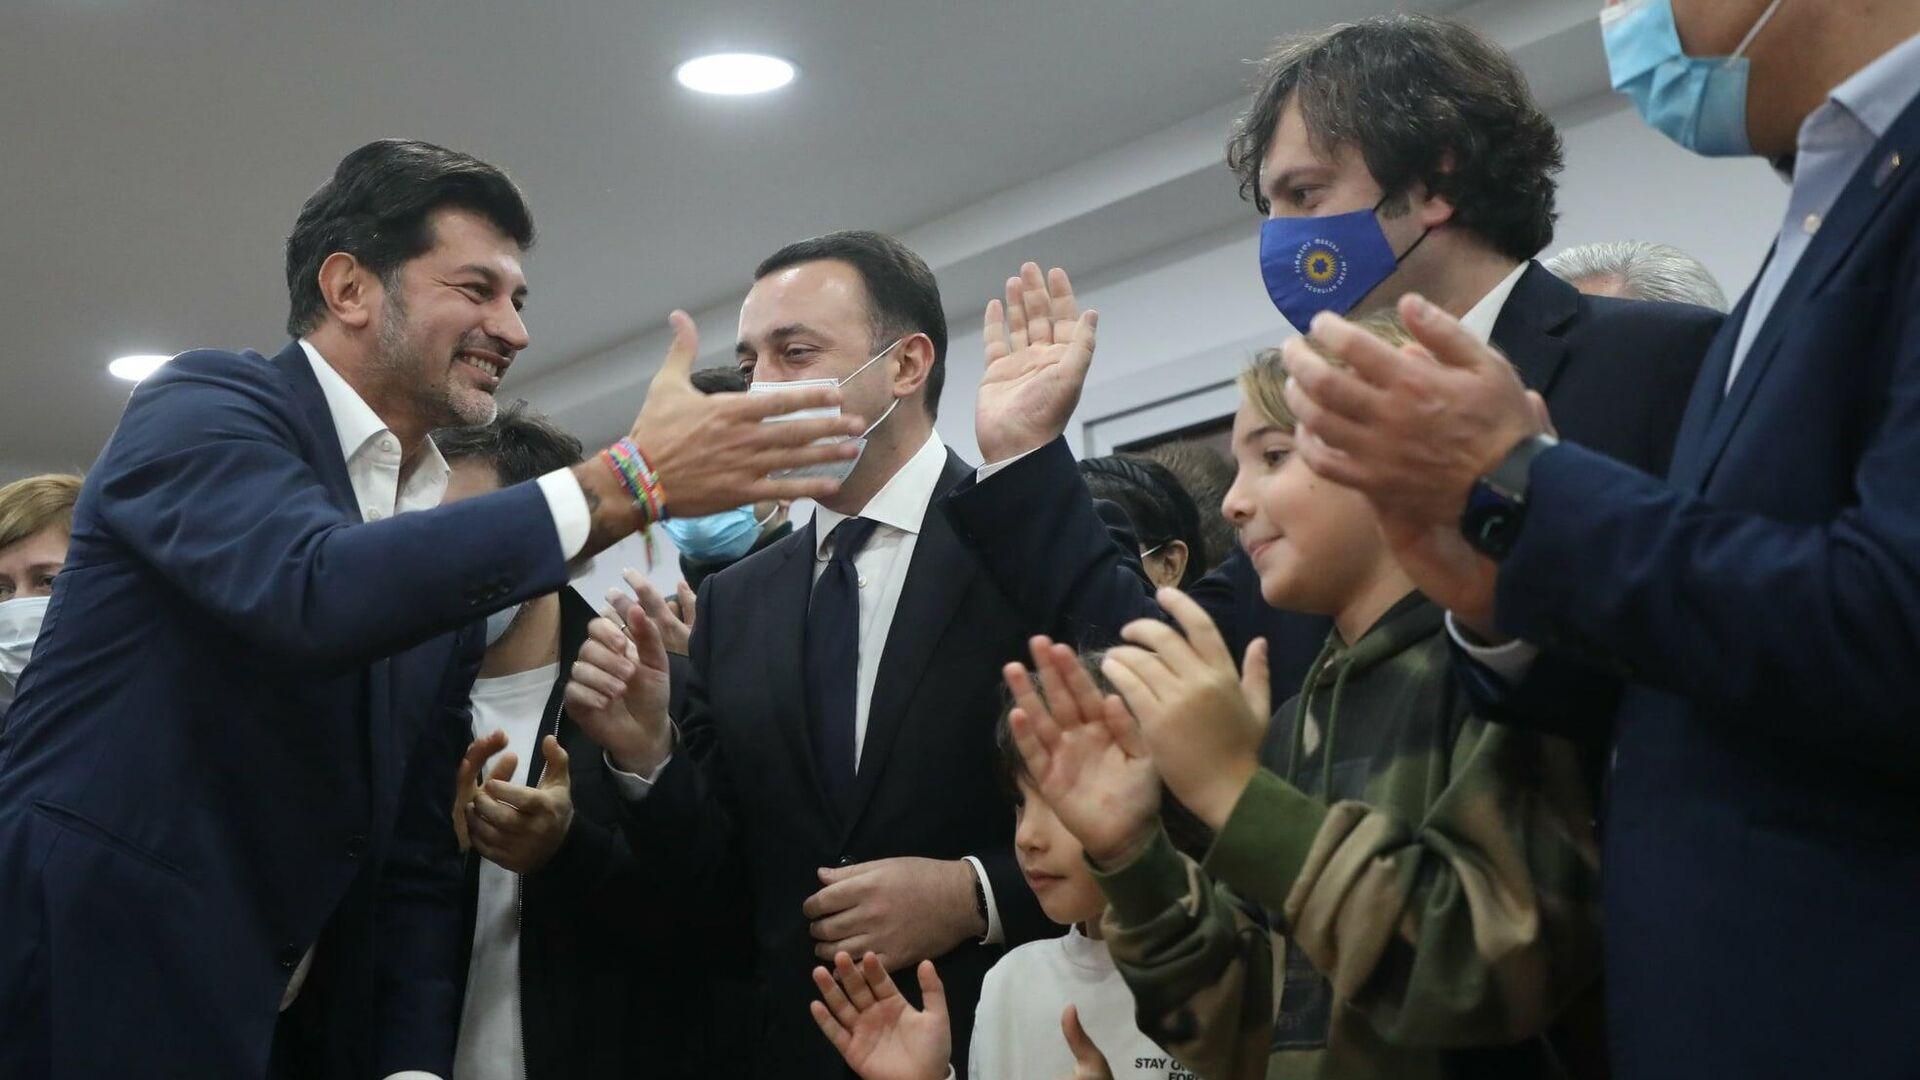 Каха Каладзе, Ираклий Гарибашвили, Ираклий Кобахидзе - лидеры партии Грузинская мечта - Sputnik Грузия, 1920, 03.10.2021